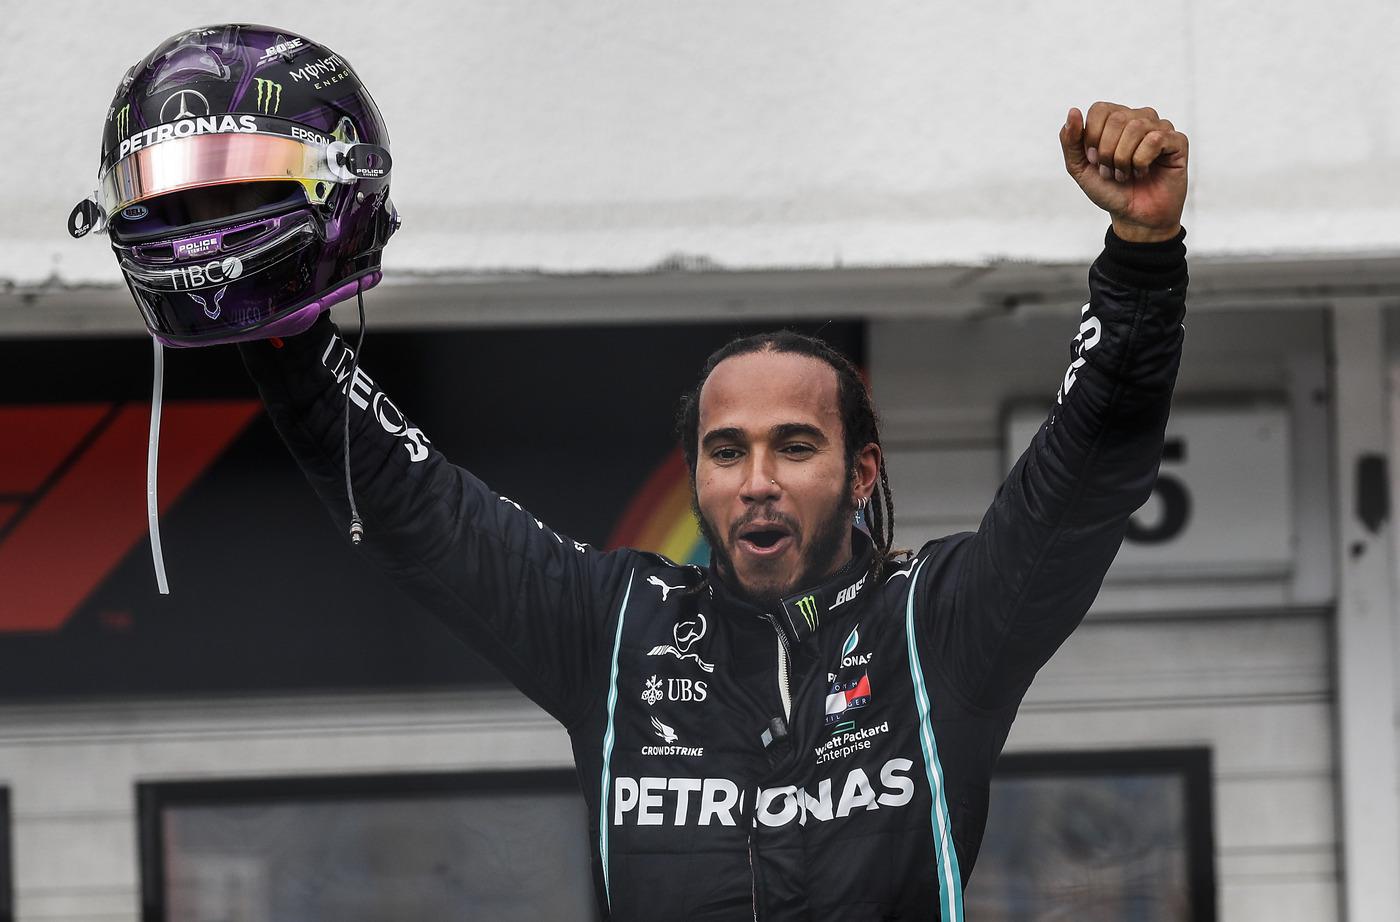 F1 GP Ungheria 2021, qualifiche oggi in tv: canale, orario e come vederle in diretta streaming